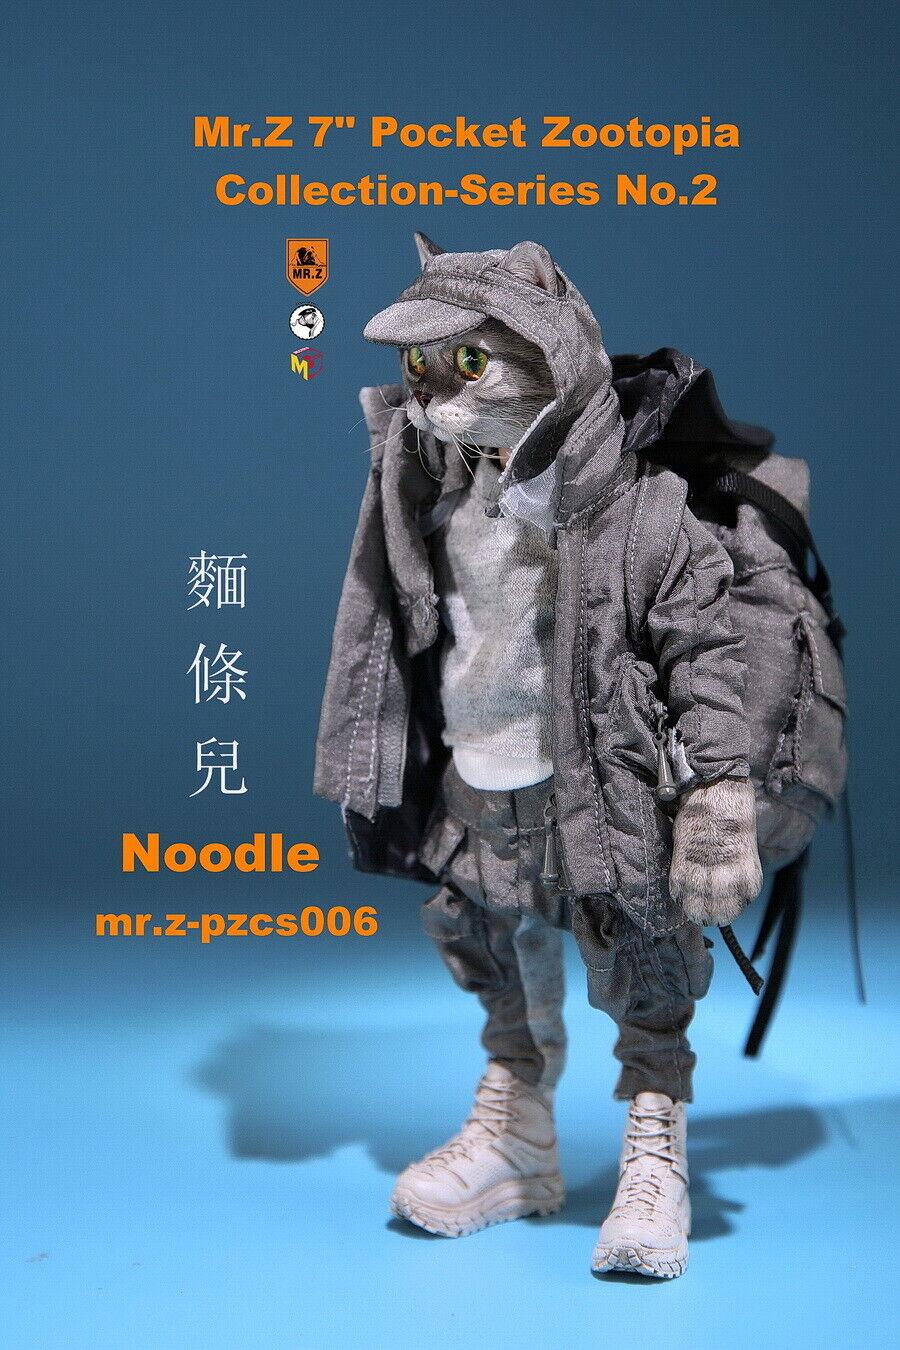 Mr.Z  7 Resin Head Pocket Zootopia Noodle cifra Animal collezione giocattoli 17.2cm